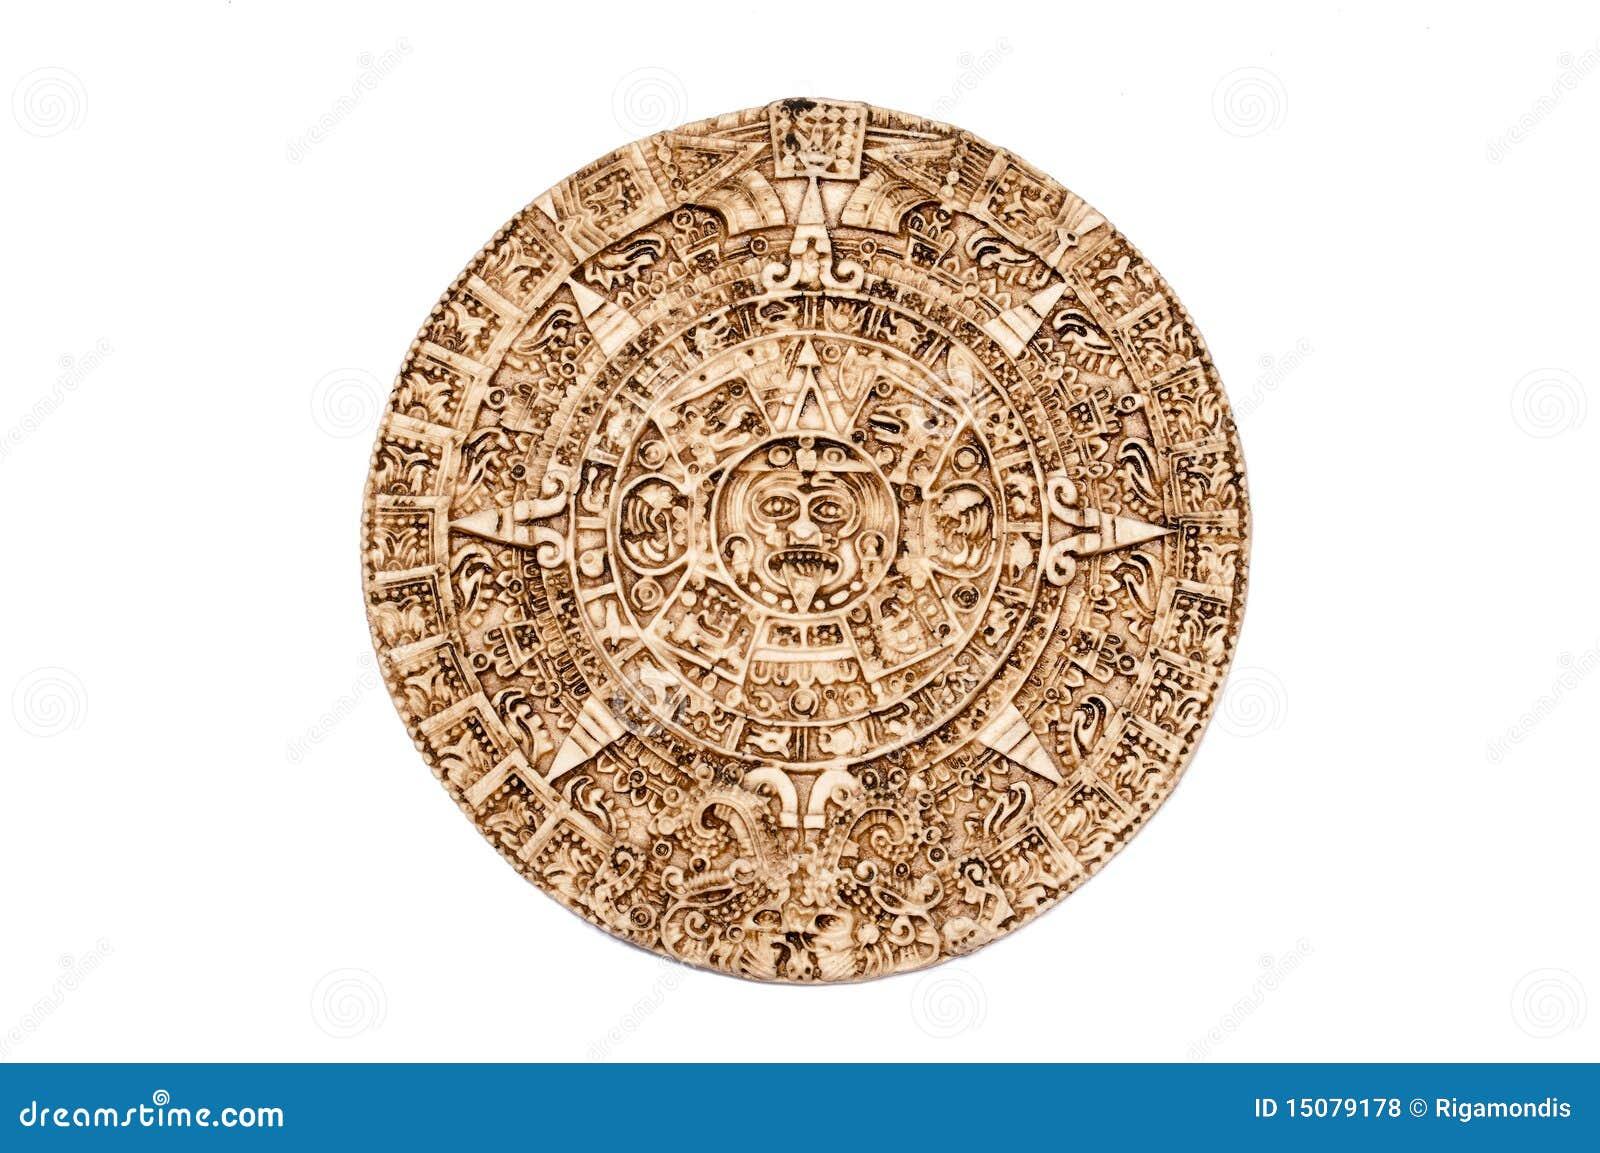 Maya Calendar Royalty Free Stock Photos - Image: 15079178